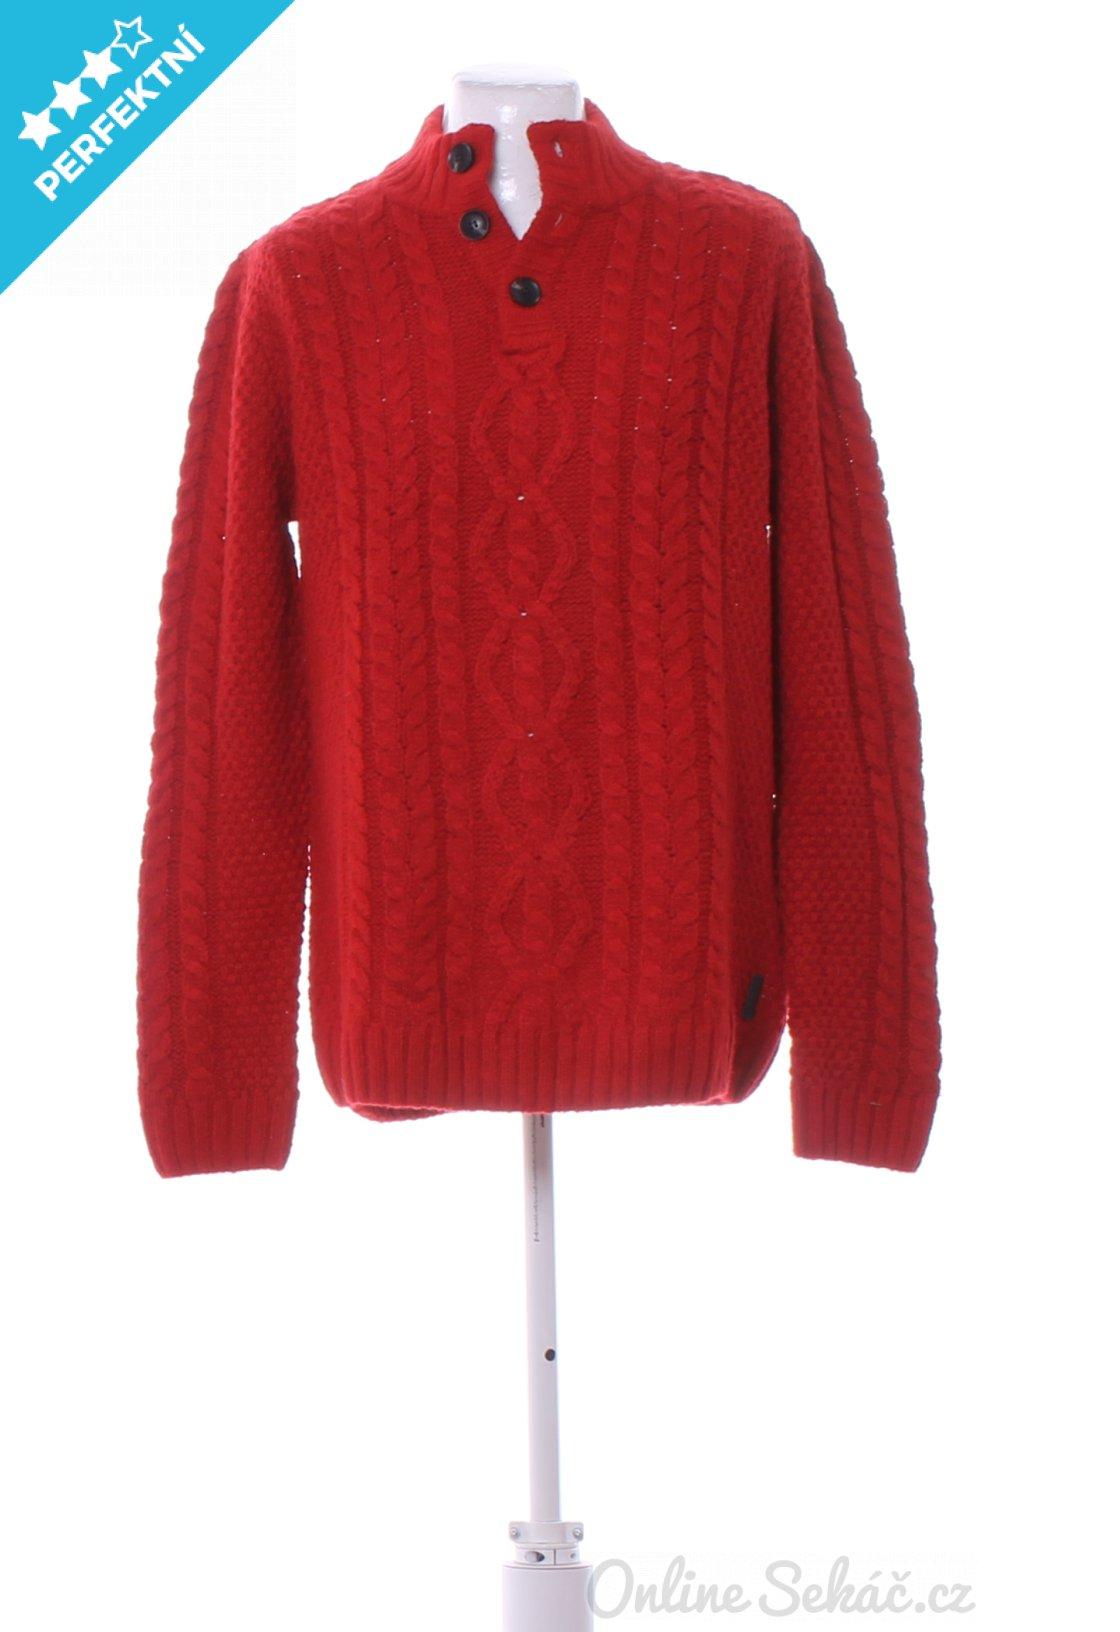 Second hand - Vzor  JEDNOBAREVNÝ   Pánský zimní svetr BRICE XL ... f27f0c6eb2